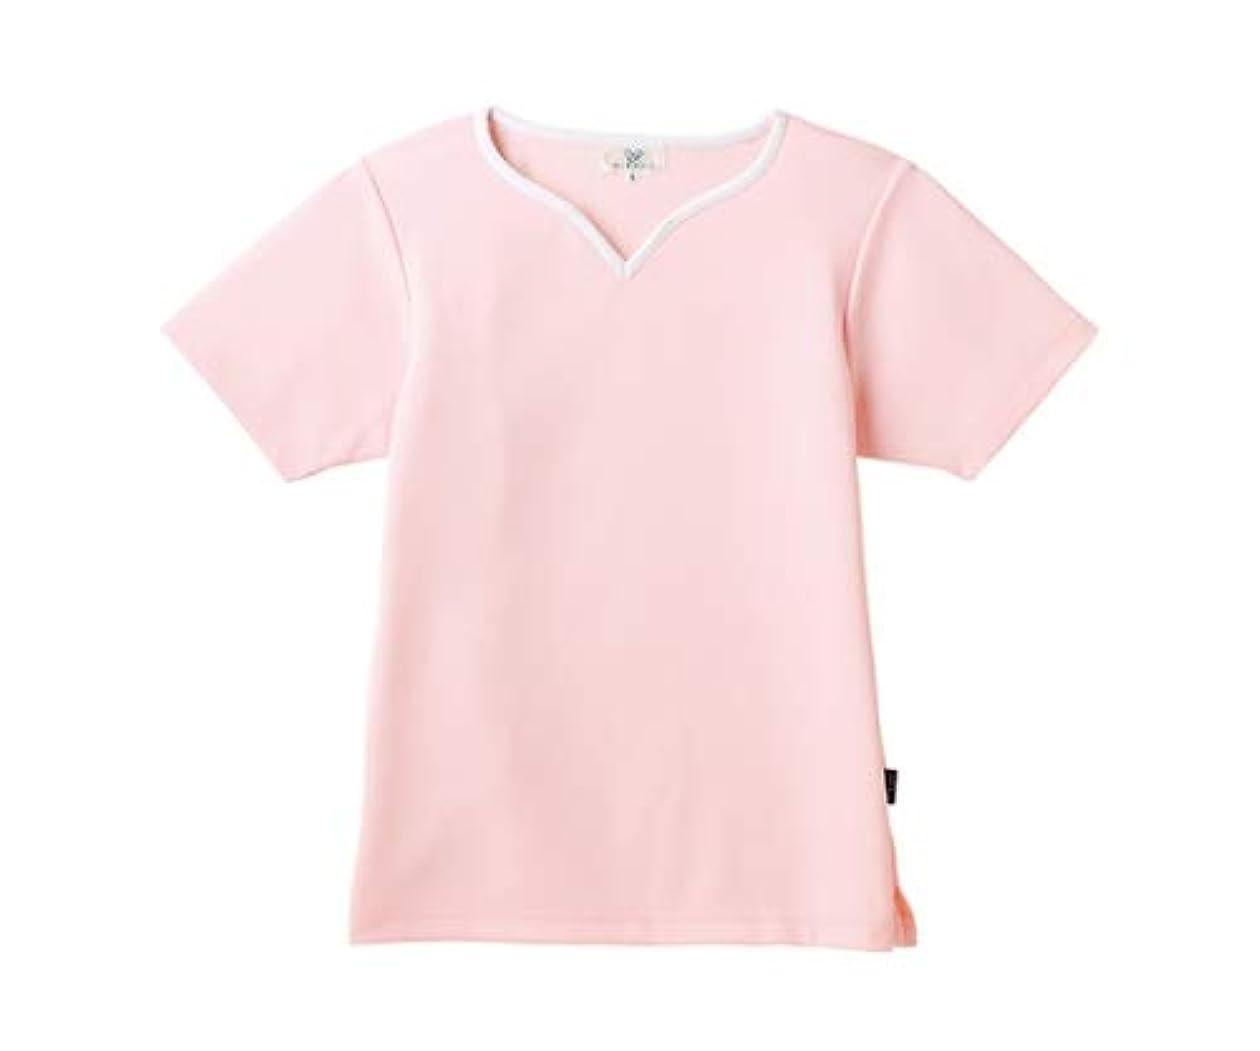 話す気づく抹消トンボ/KIRAKU レディス入浴介助用シャツ CR161 S ピンク